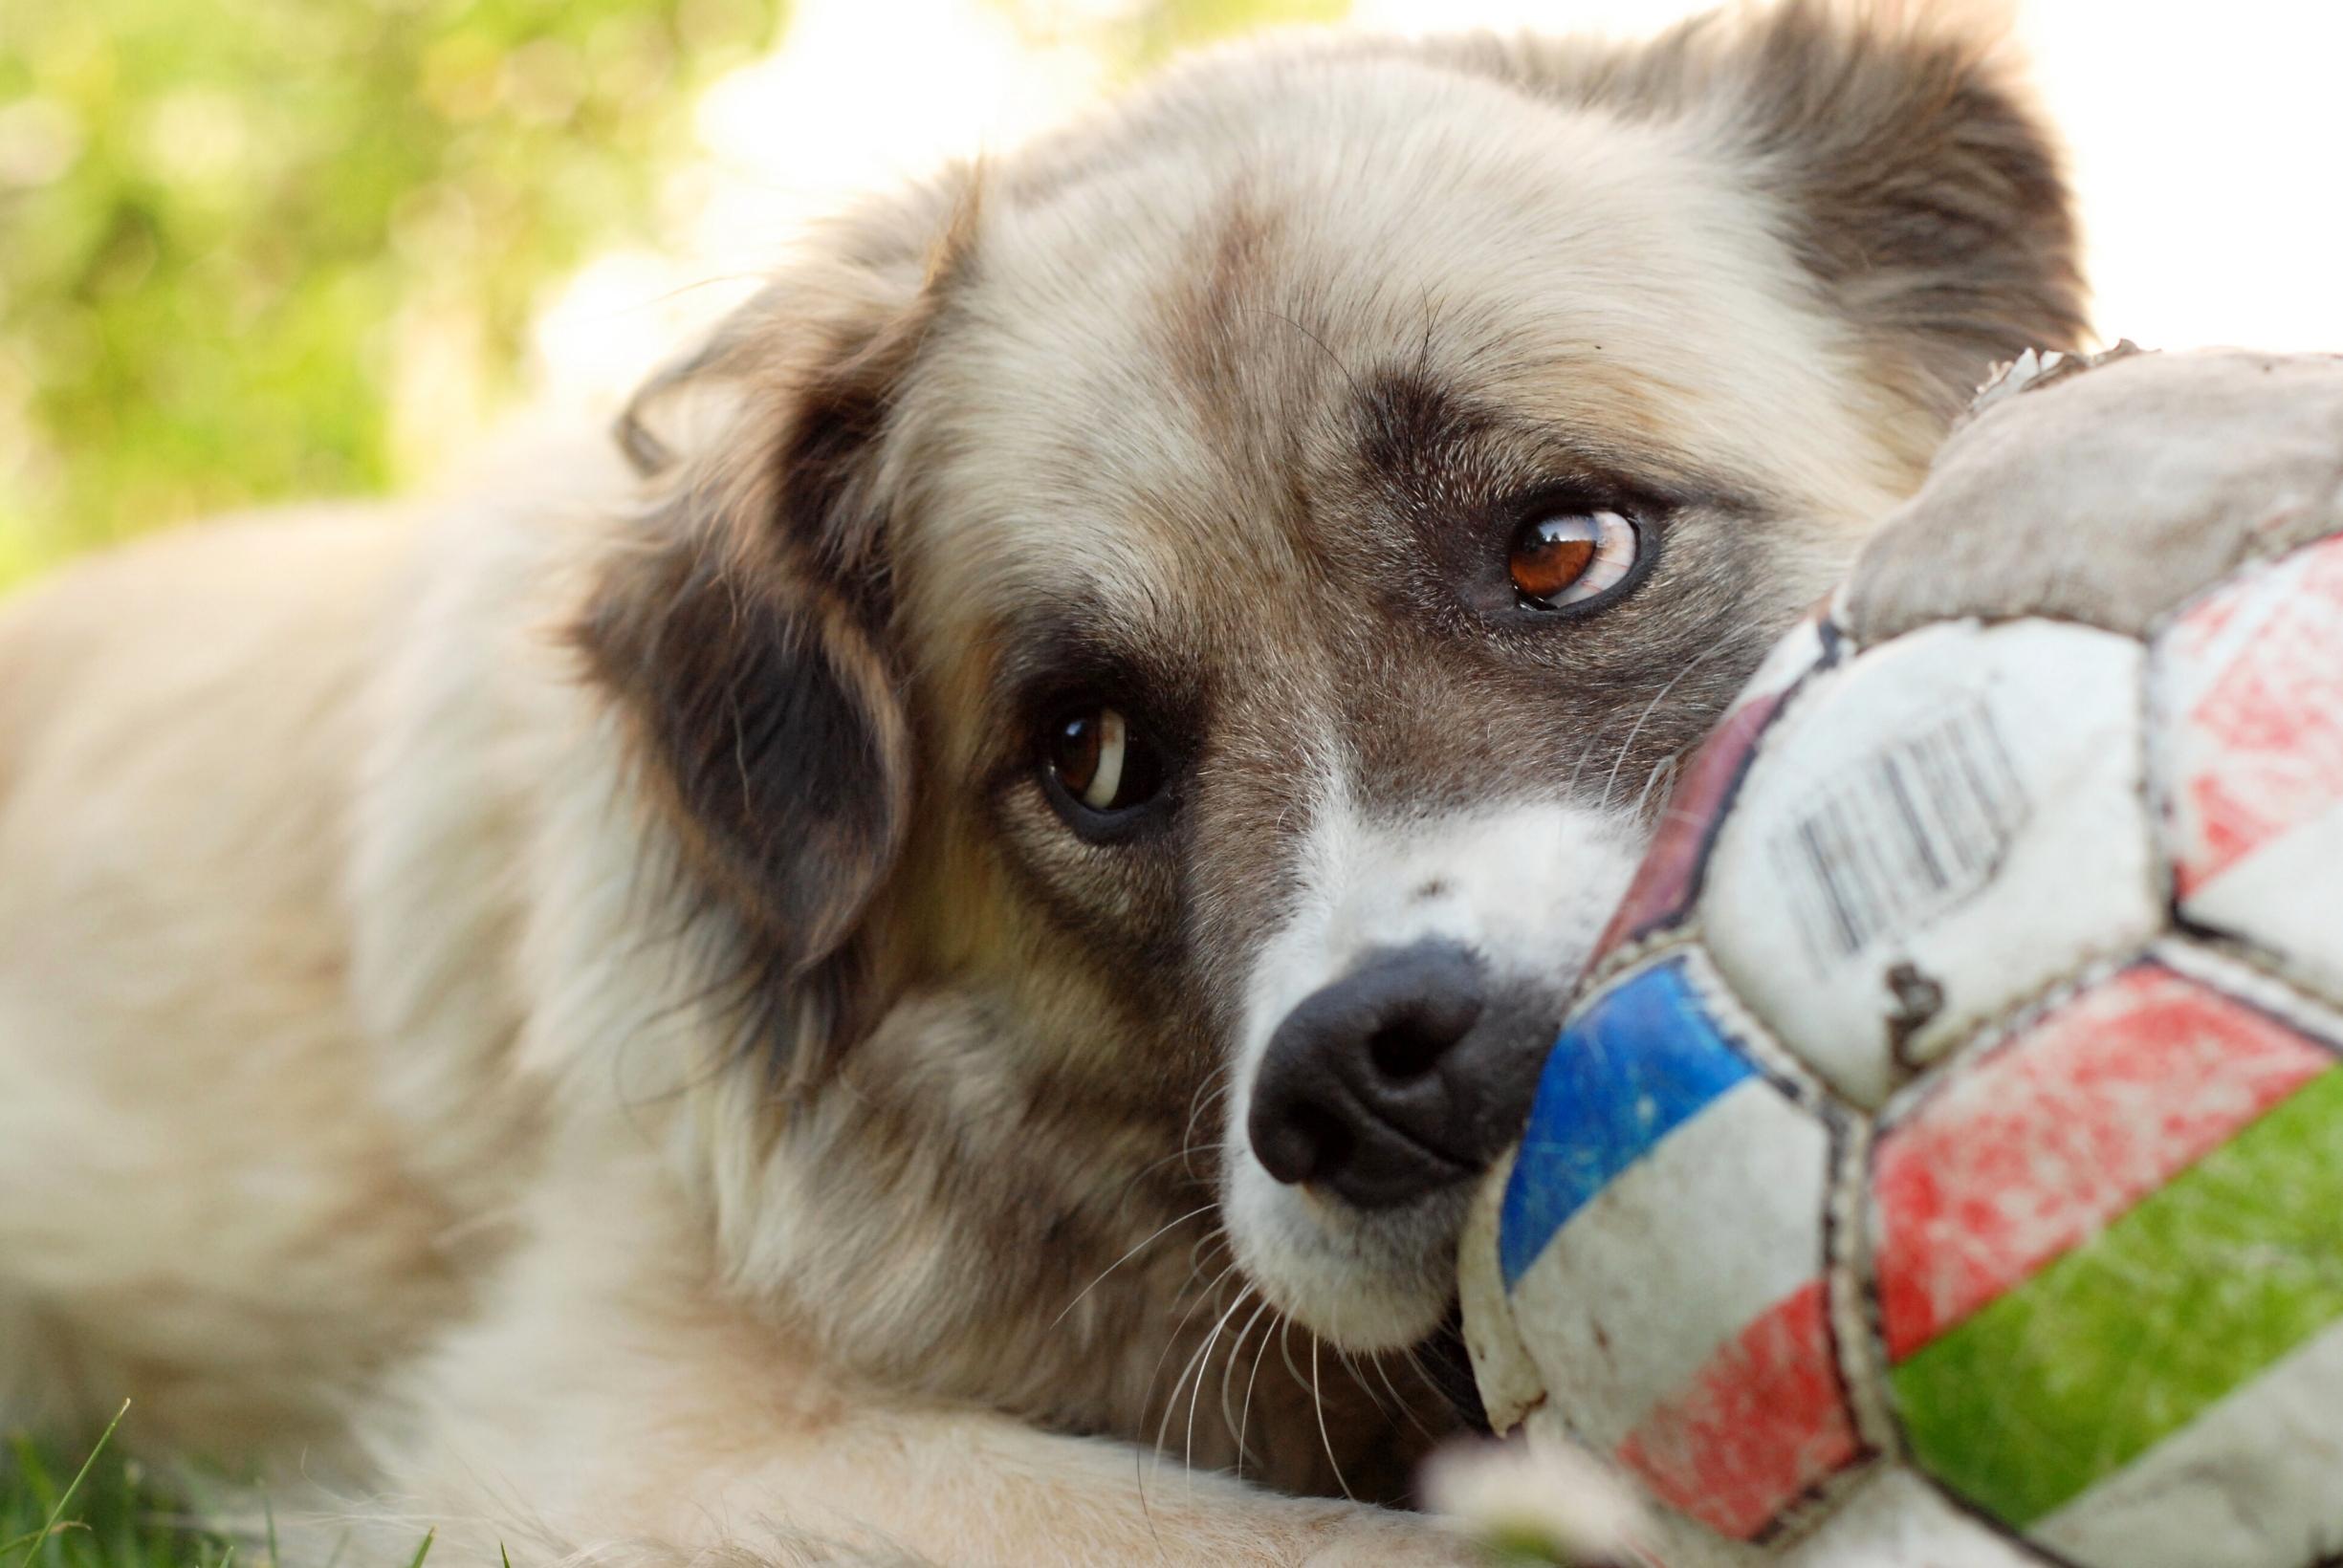 Собака с мячом - обои для рабочего стола, картинки, фото